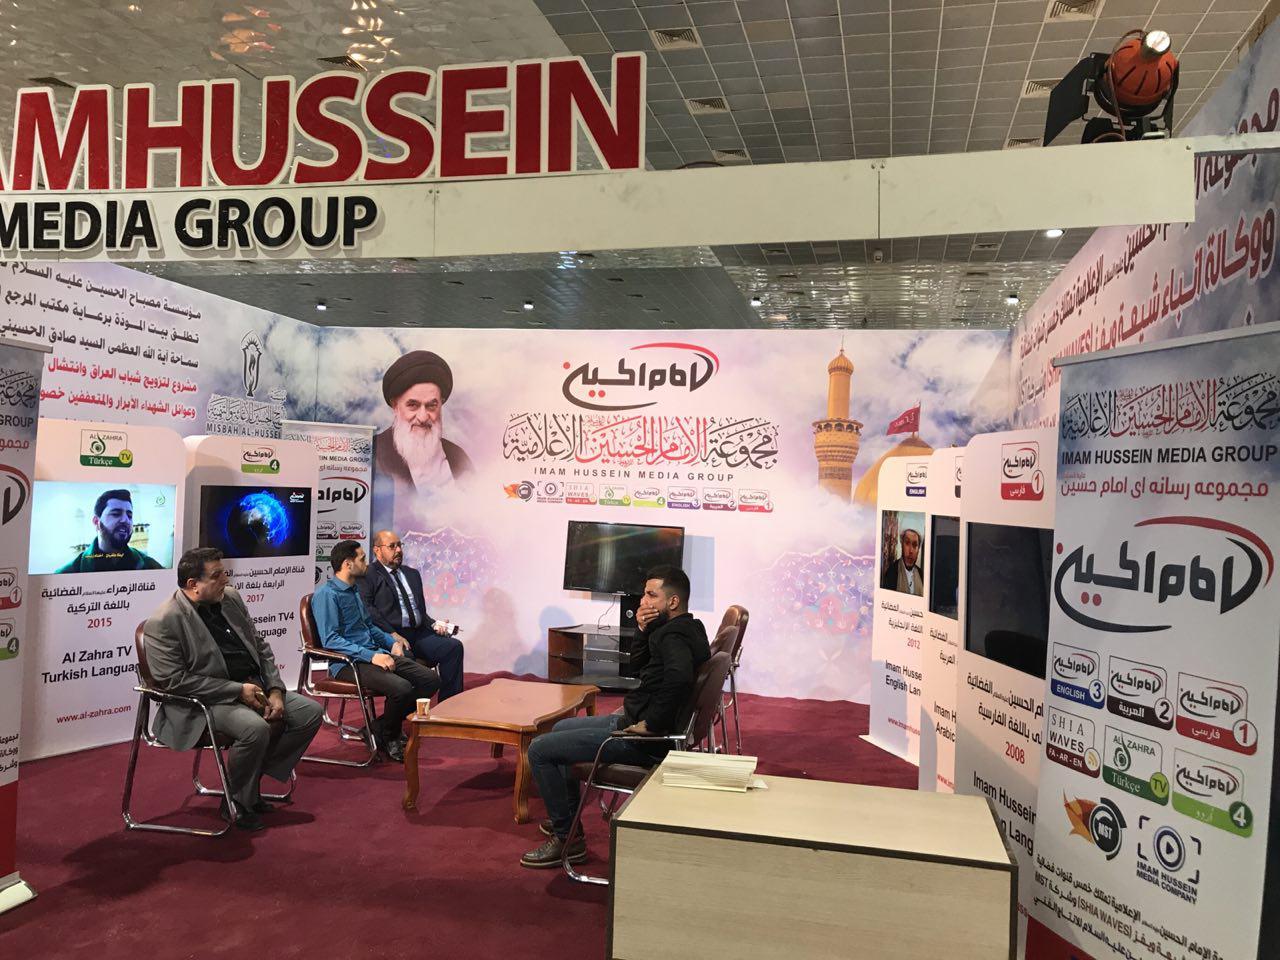 تصویر حضور مجموعه رسانه ای امام حسین علیه السلام در چهل و پنجمین نمایشگاه بین المللی بغداد